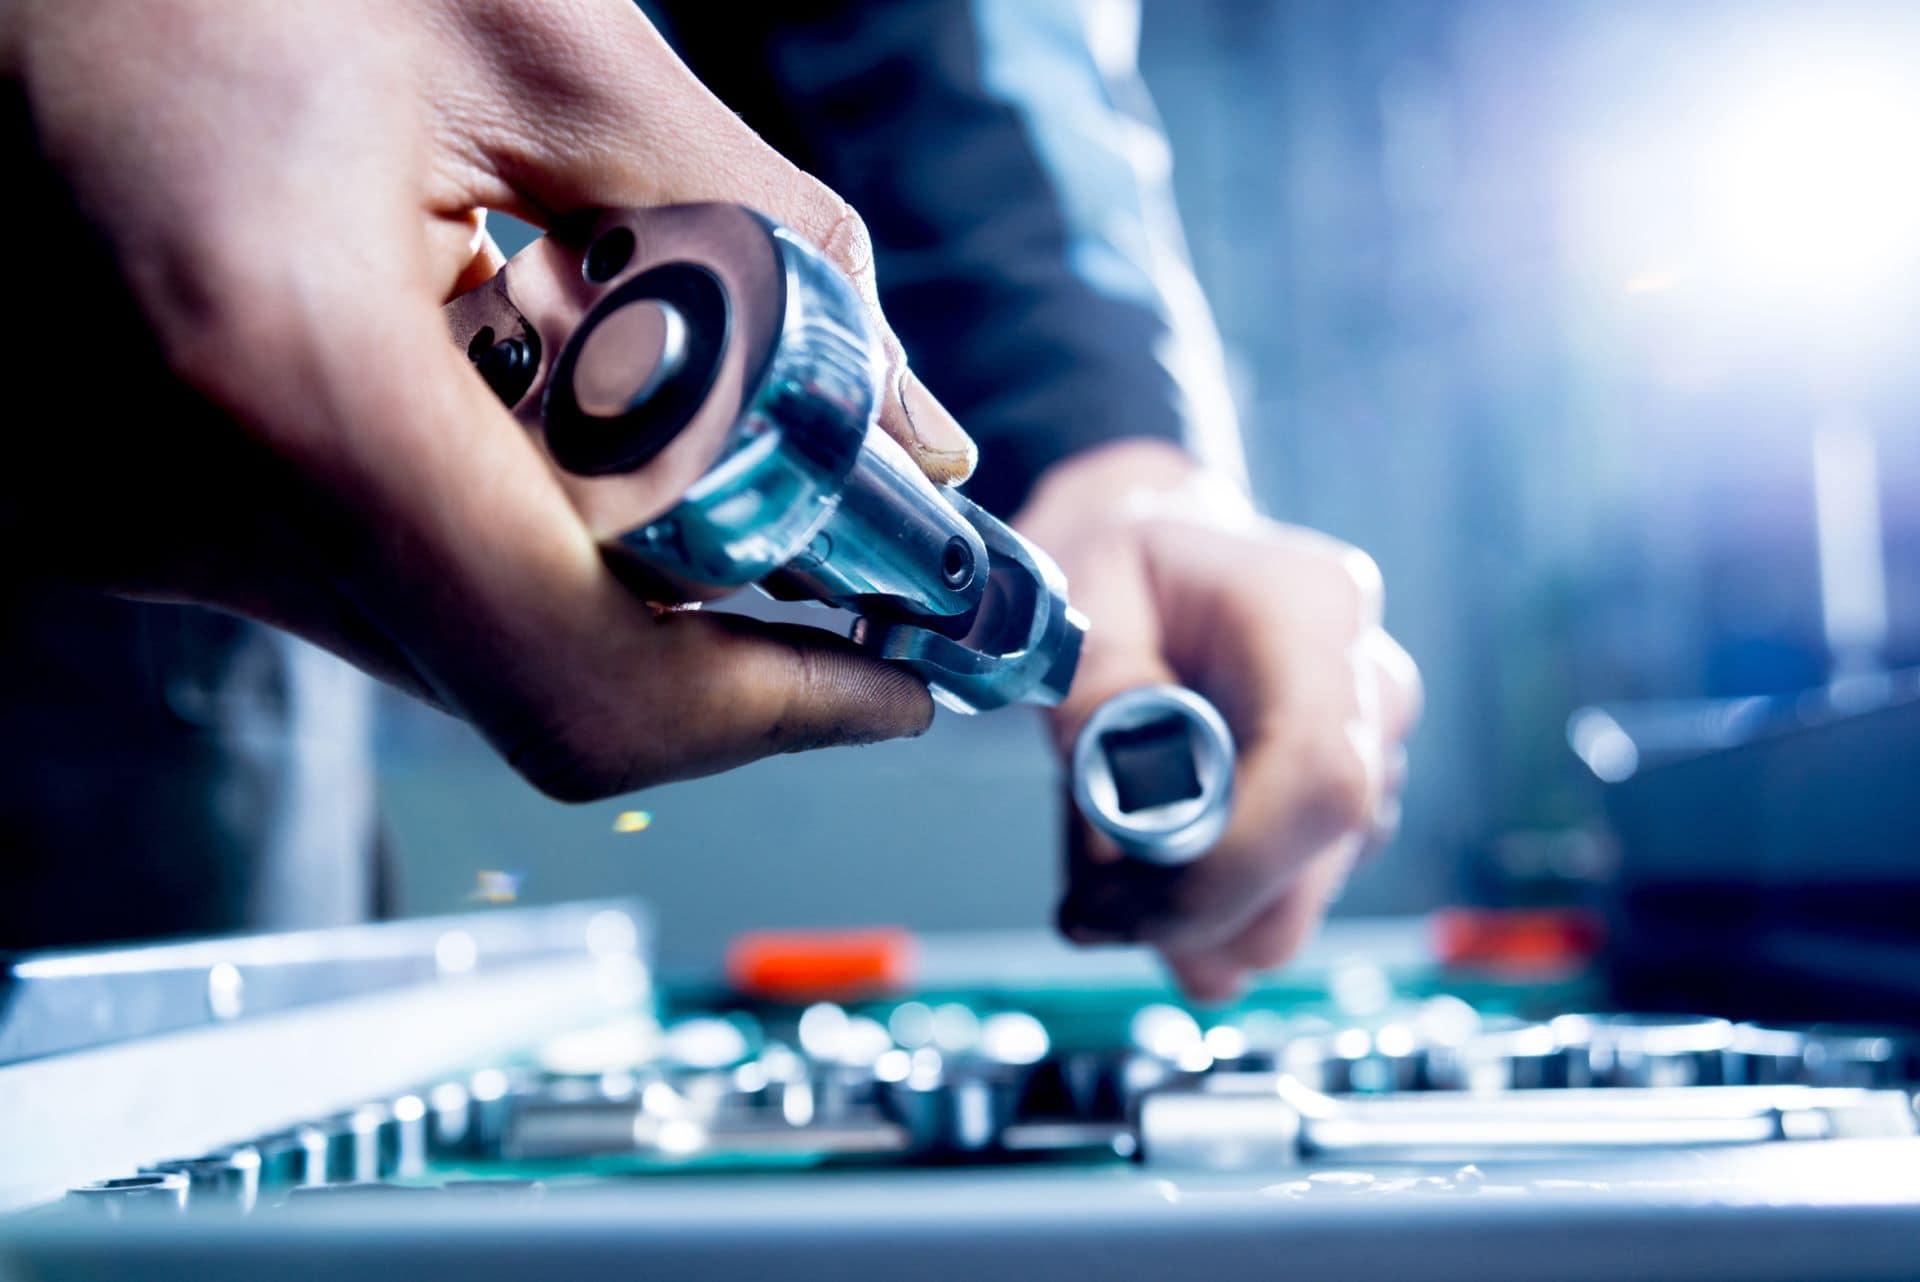 Werkstatt & Auto Service